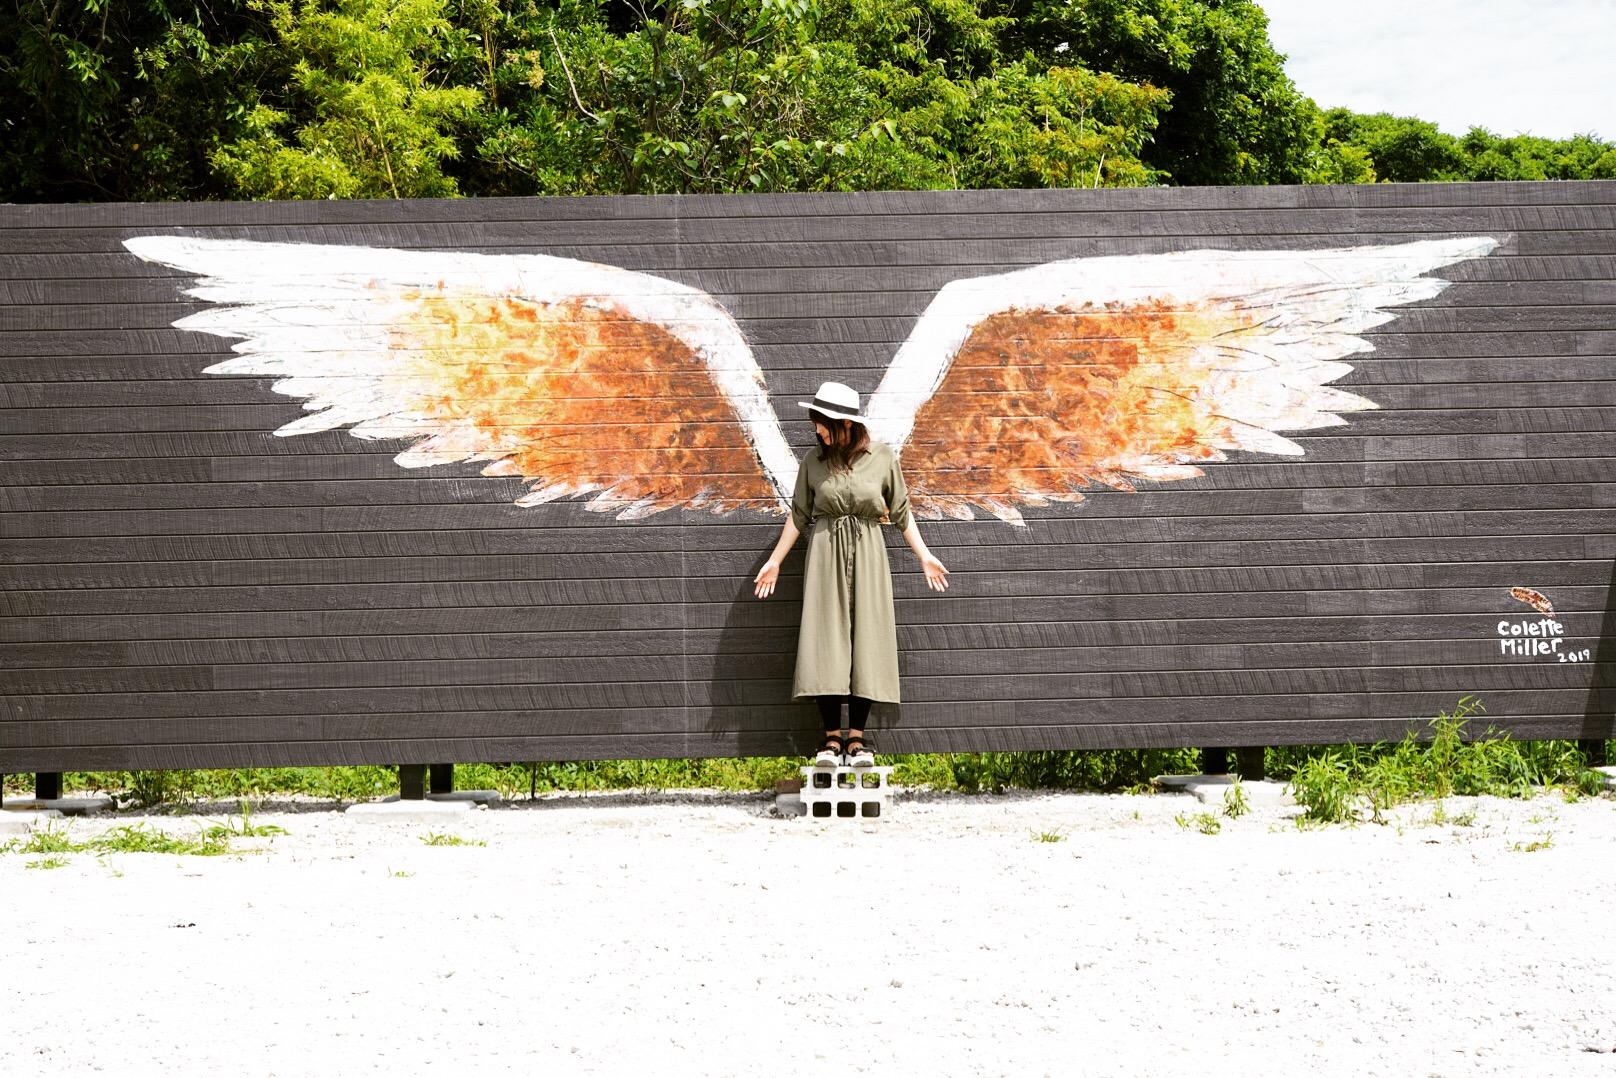 天使の羽根が生える!?〜アートの島「佐久島」でインスタ映えスポットを巡る旅(後編)〜 - 65BBF094 6843 4743 BEBE CD6F9633CDD1